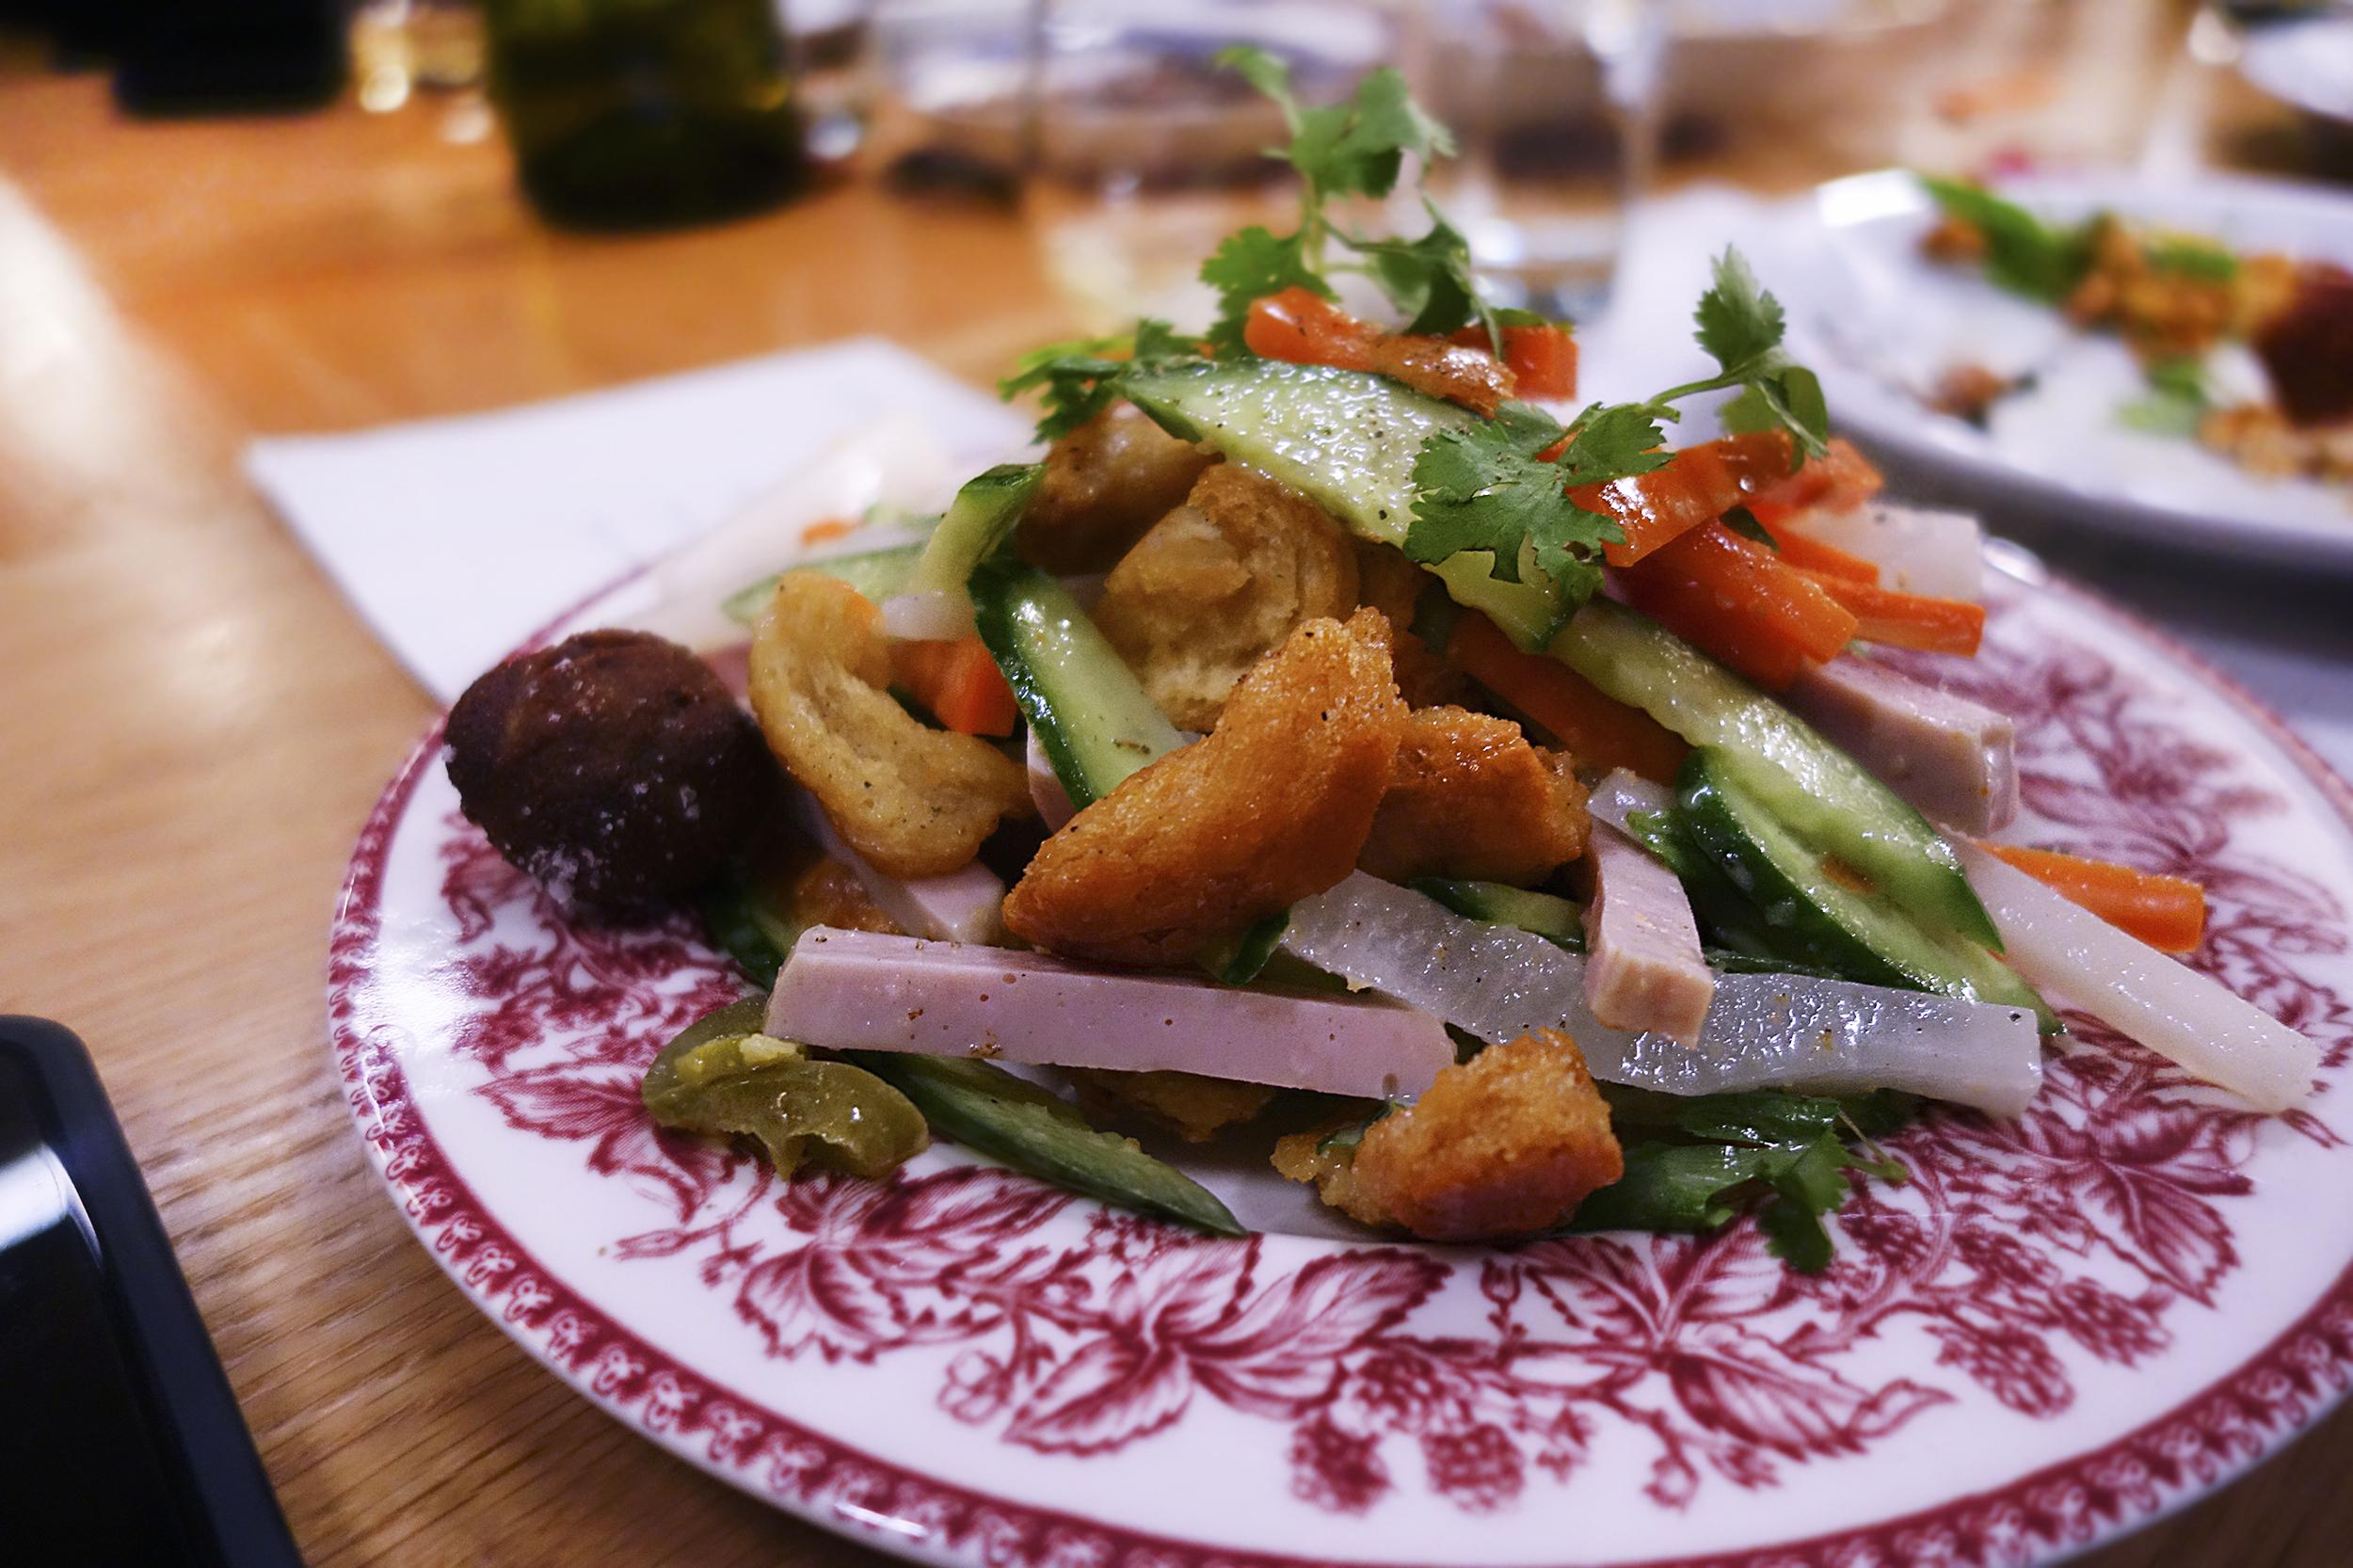 Deconstructed Banh mi salad.